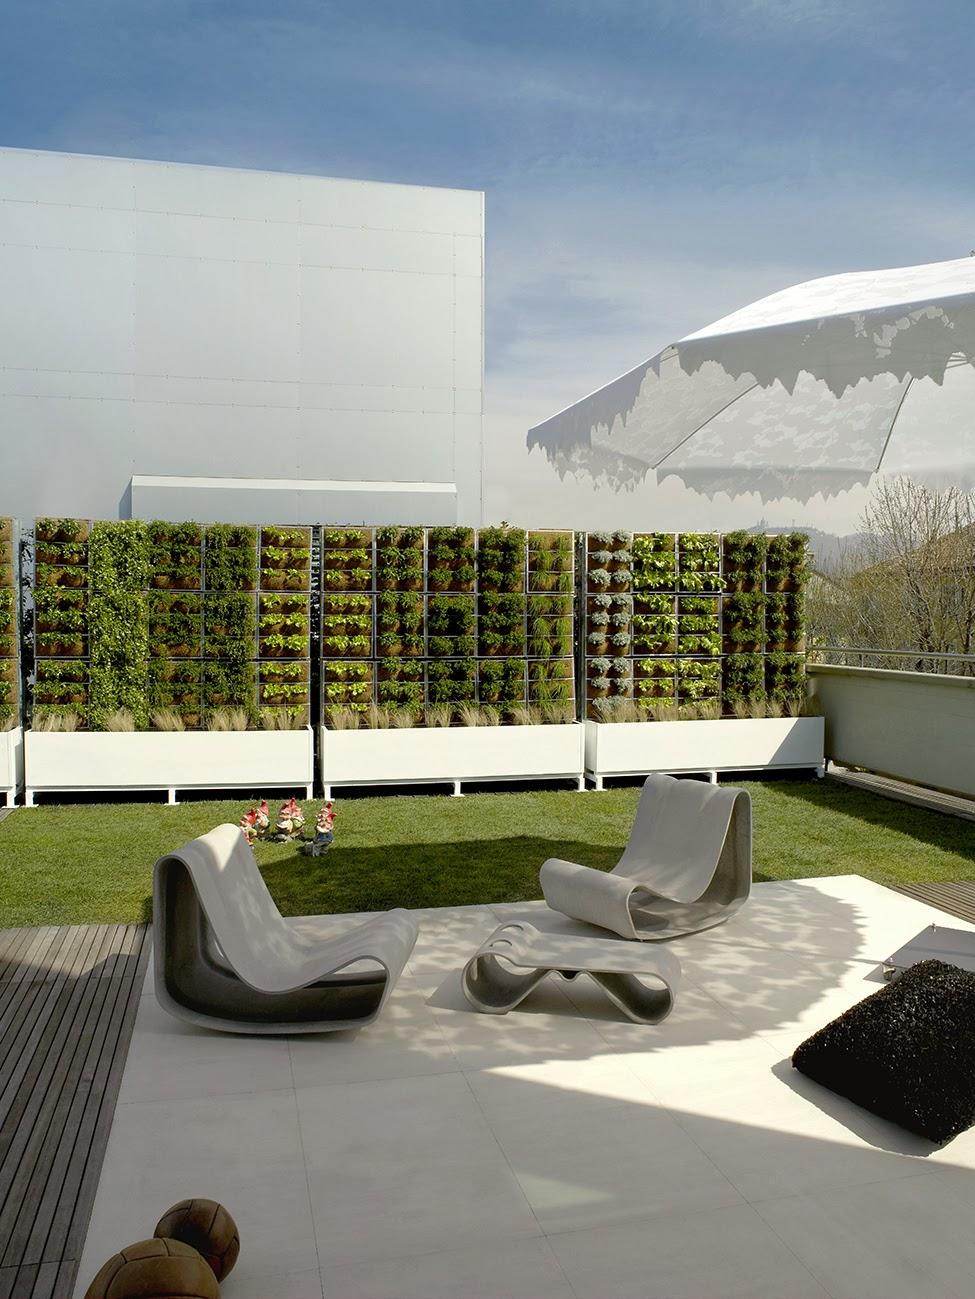 die wohngalerie bepflanzter sichtschutz bester schutz gegen neugierige nachbarn. Black Bedroom Furniture Sets. Home Design Ideas